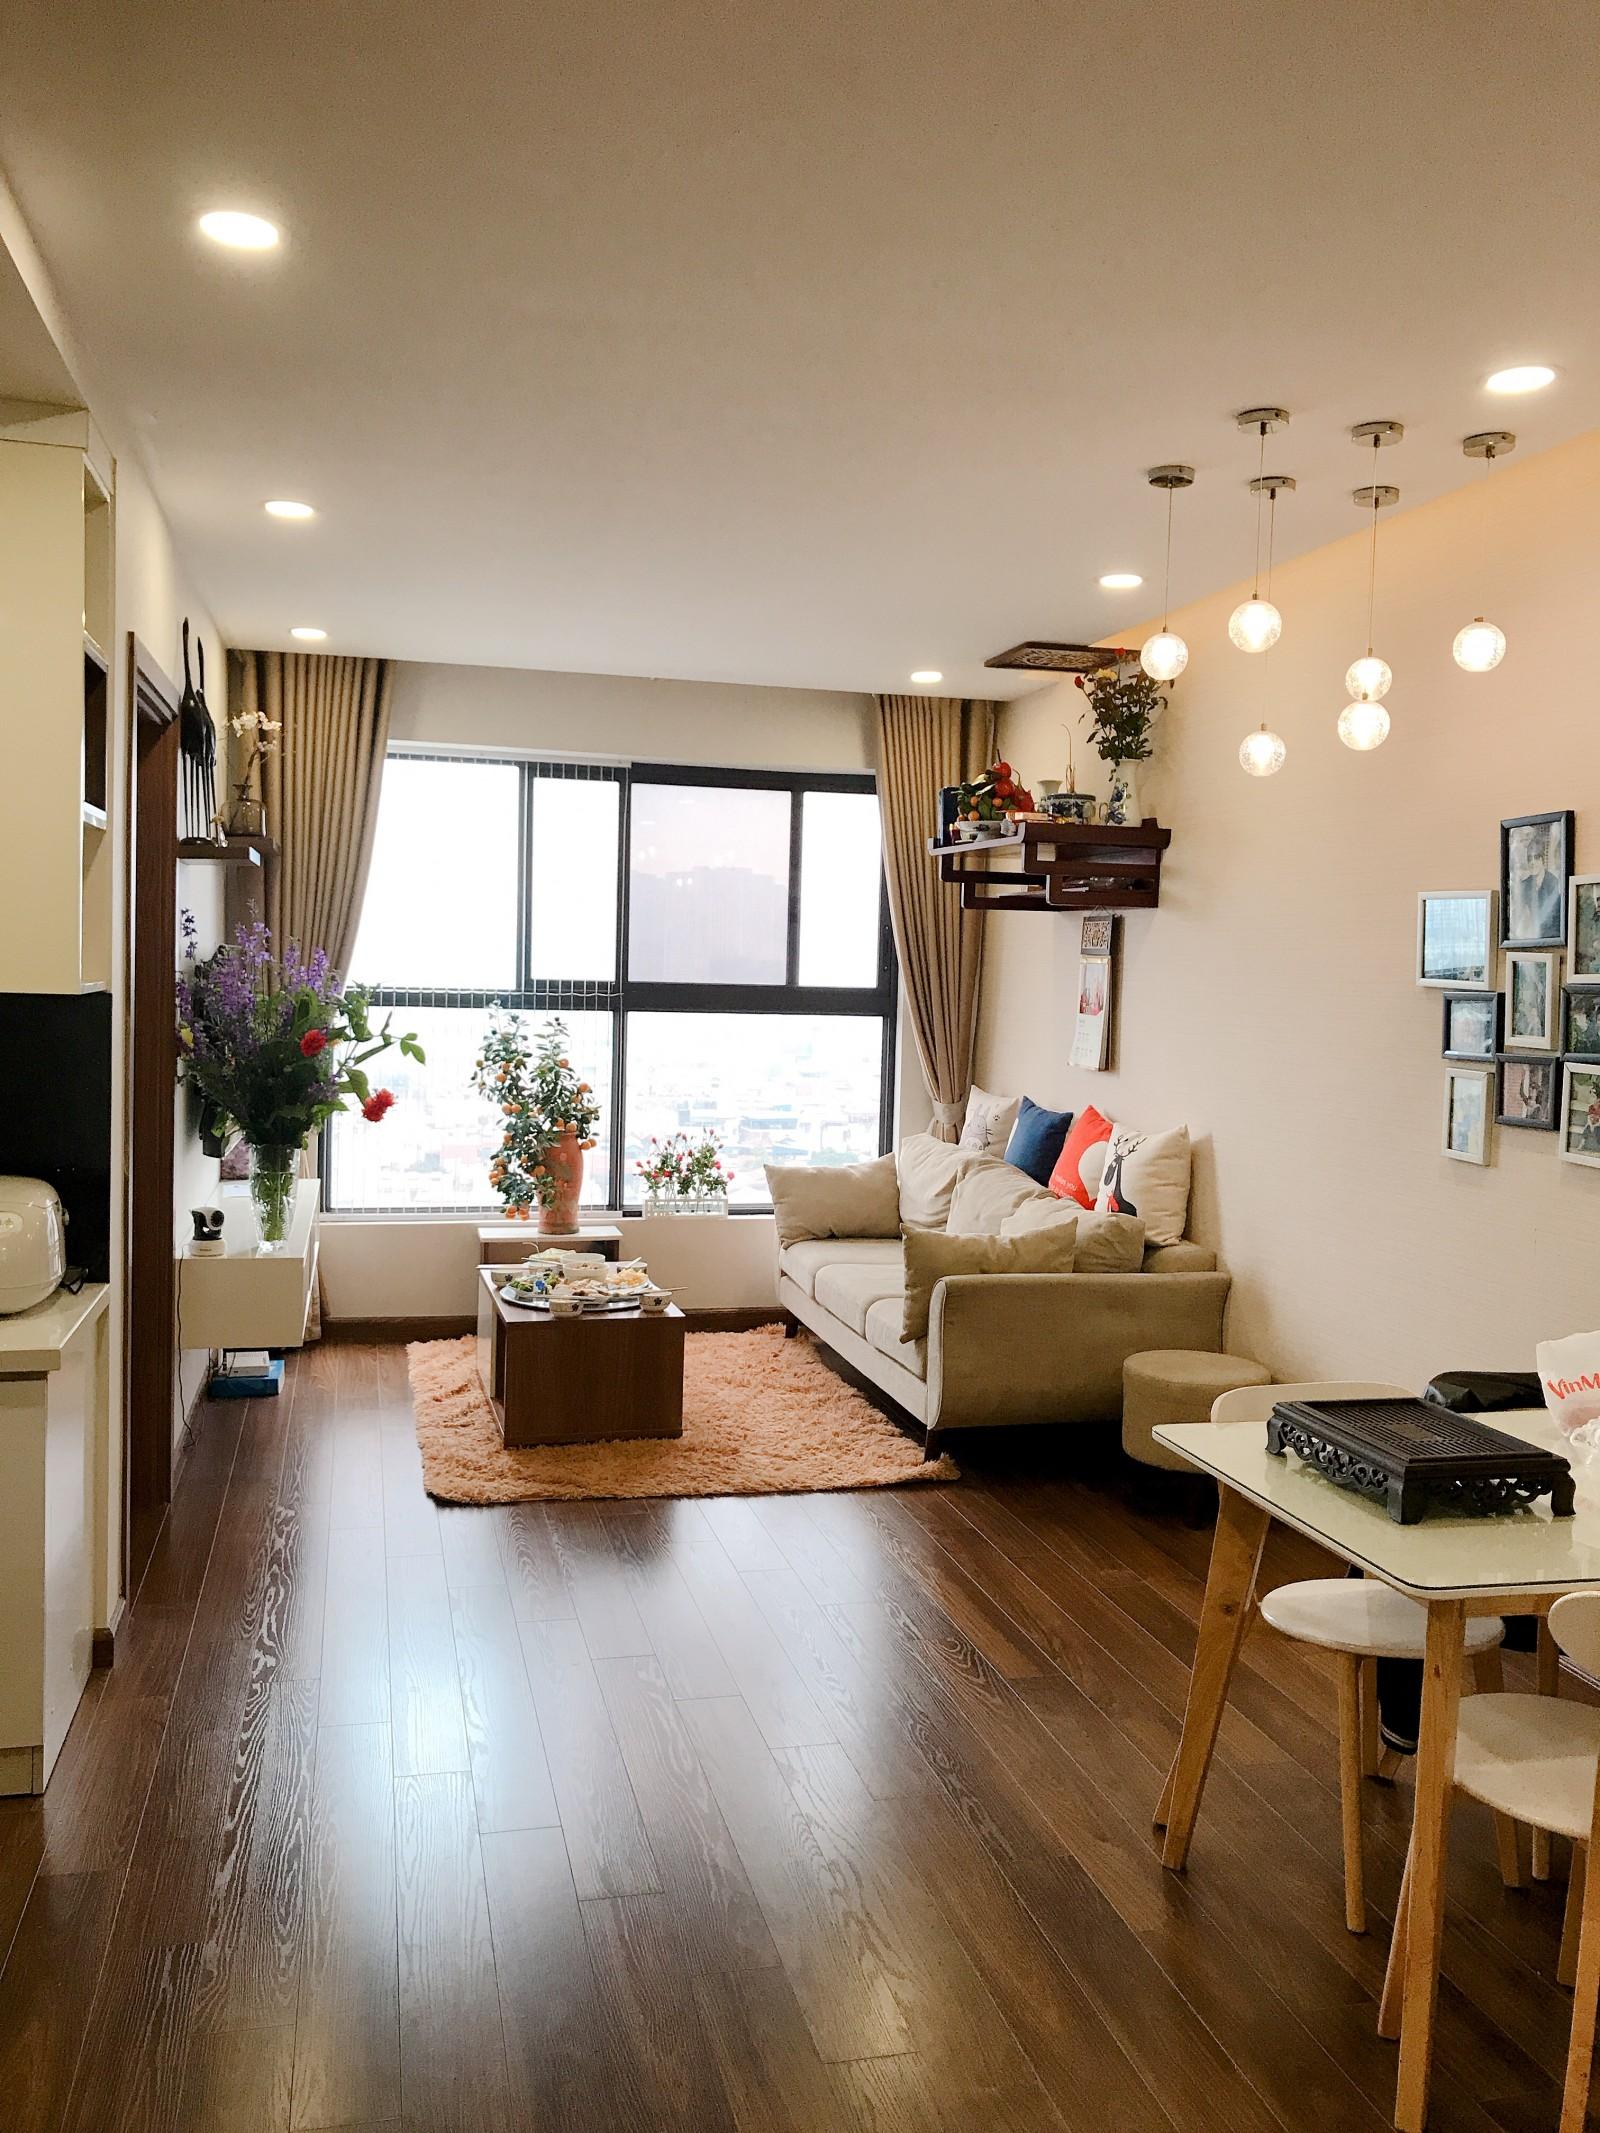 Căn hộ nhỏ của gia đình tôi nằm tại tháp G1, tầng 12, Five Star Garden số 2 Kim Giang, Thanh Xuân, Hà Nội